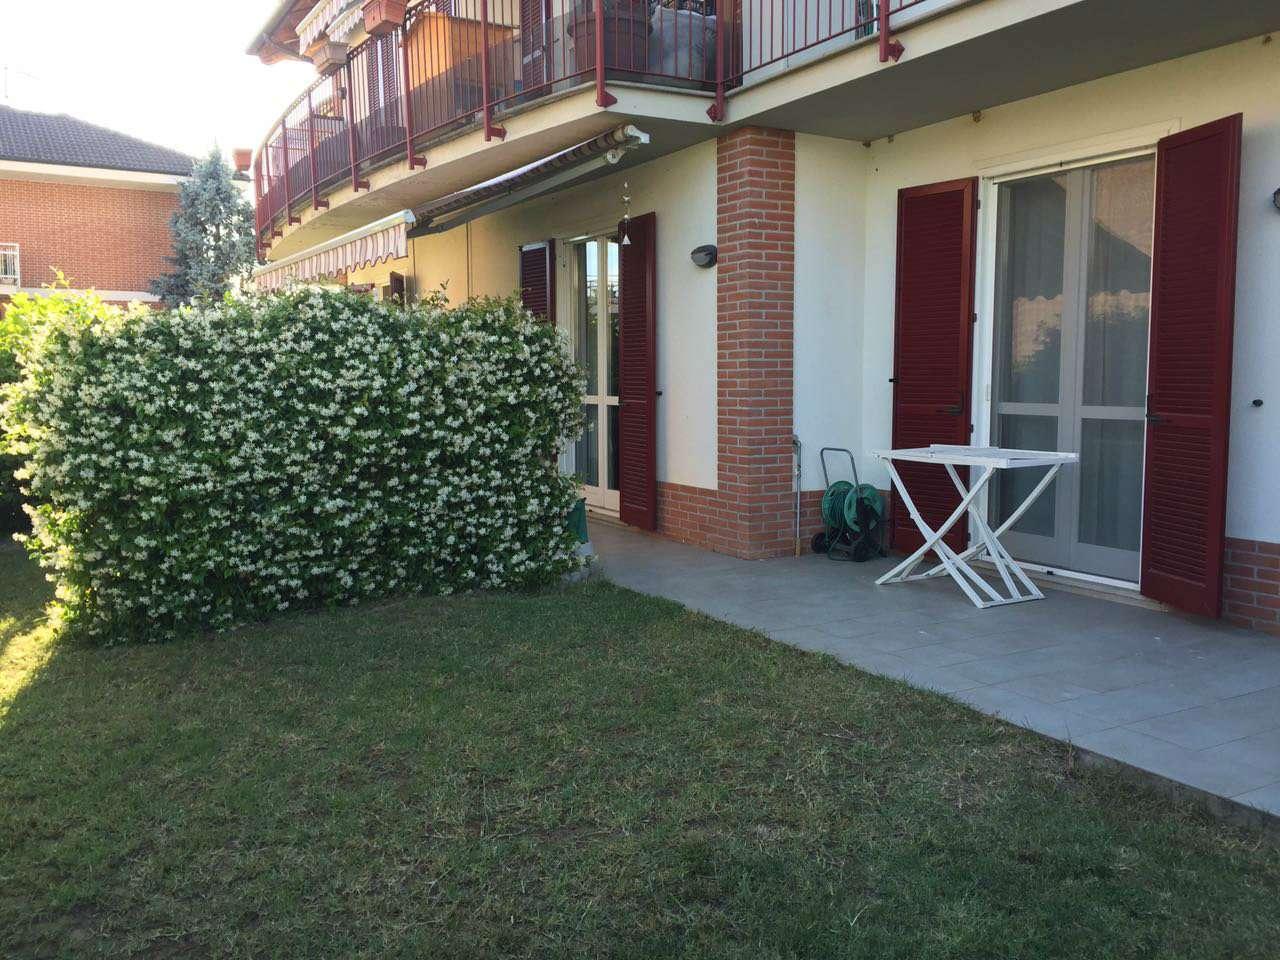 Appartamento in vendita a Dusino San Michele, 3 locali, prezzo € 119.500 | CambioCasa.it